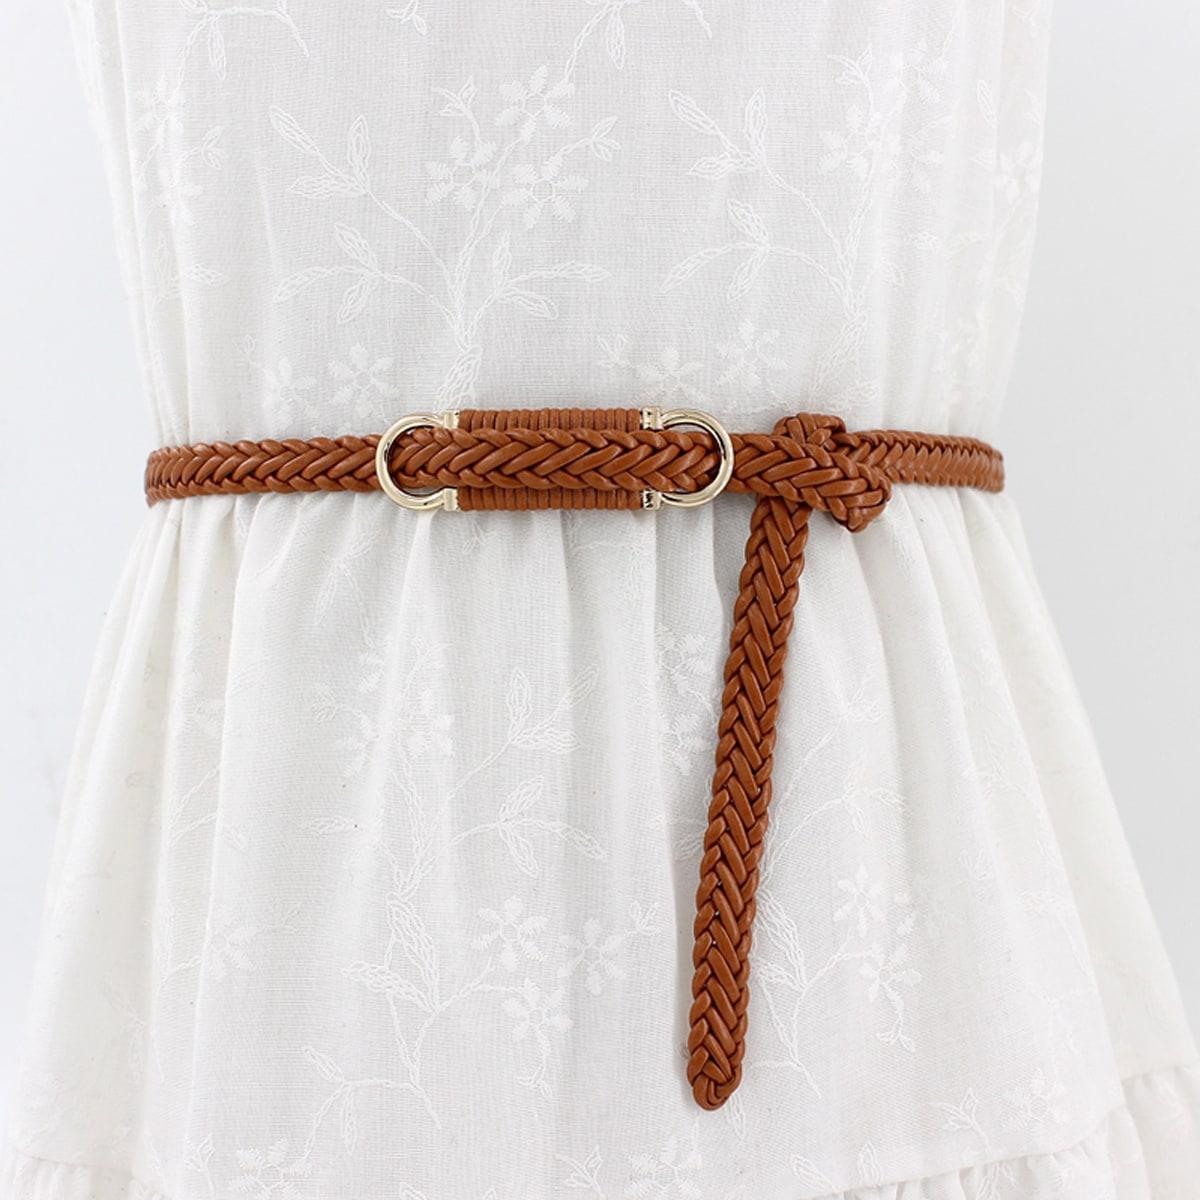 Плетеный ремень с металлической пряжкой